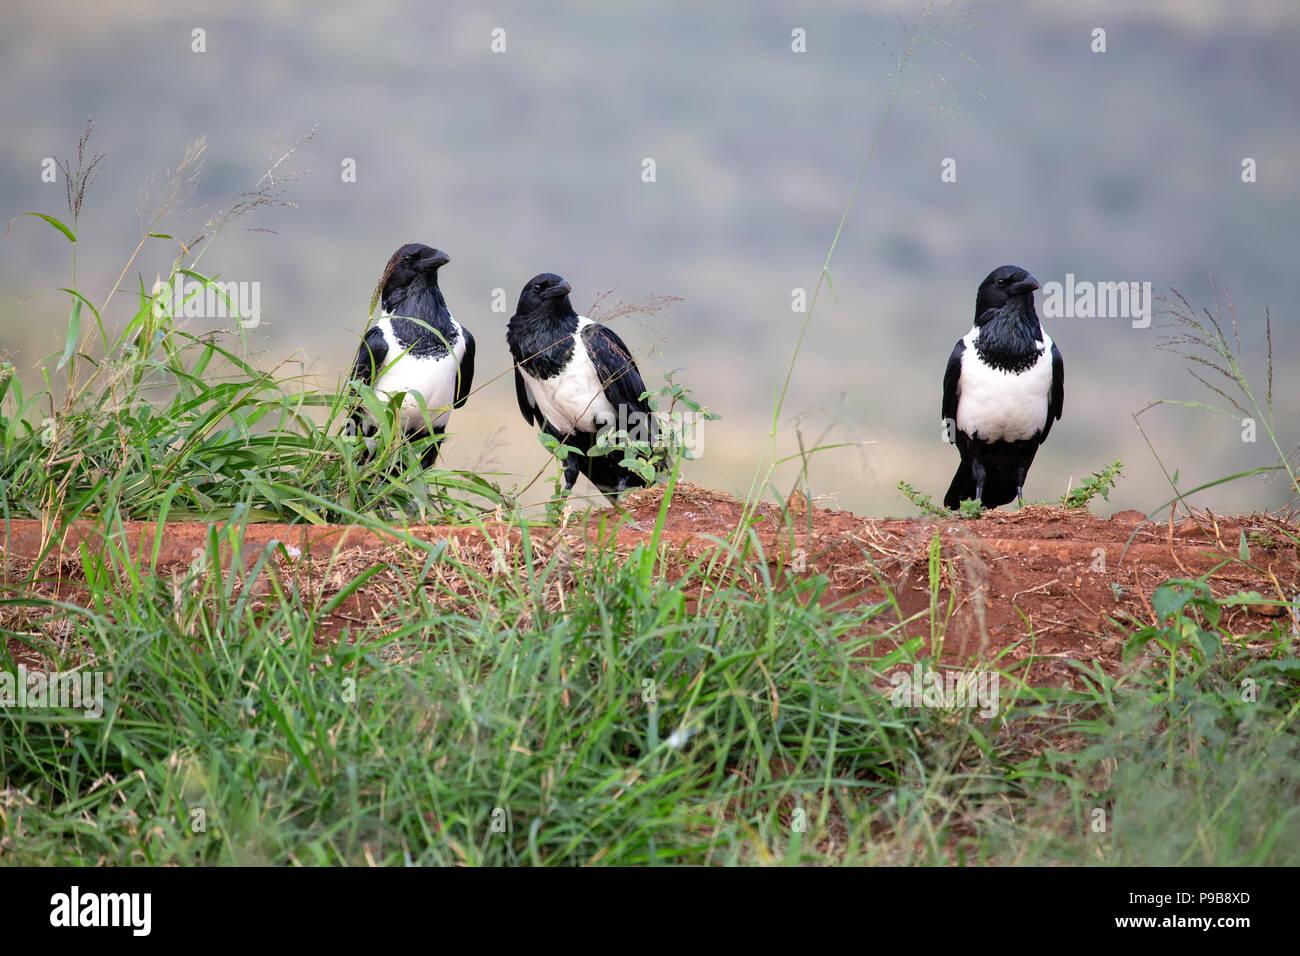 Drei Pied Krähen Corvus Albus auf dem Boden in einem gemeinsamen scavenging Website auf einem Game Reserve in Südafrika Stockbild